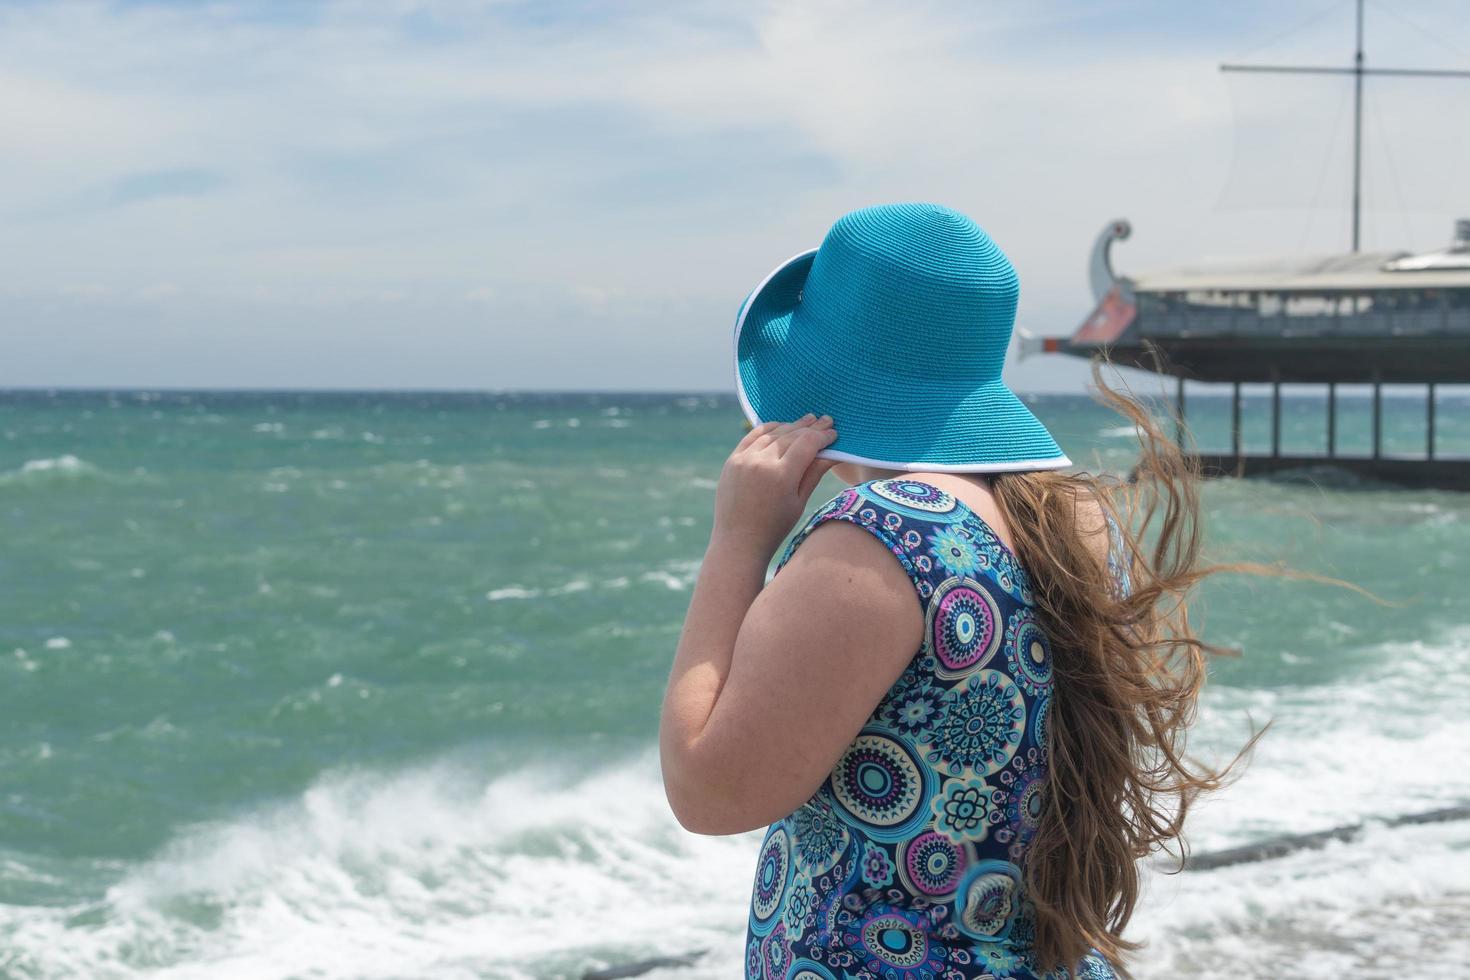 en flicka i en blå hatt och färgglad klänning på en strand som tittar ut mot havet i Yalta, Krim foto